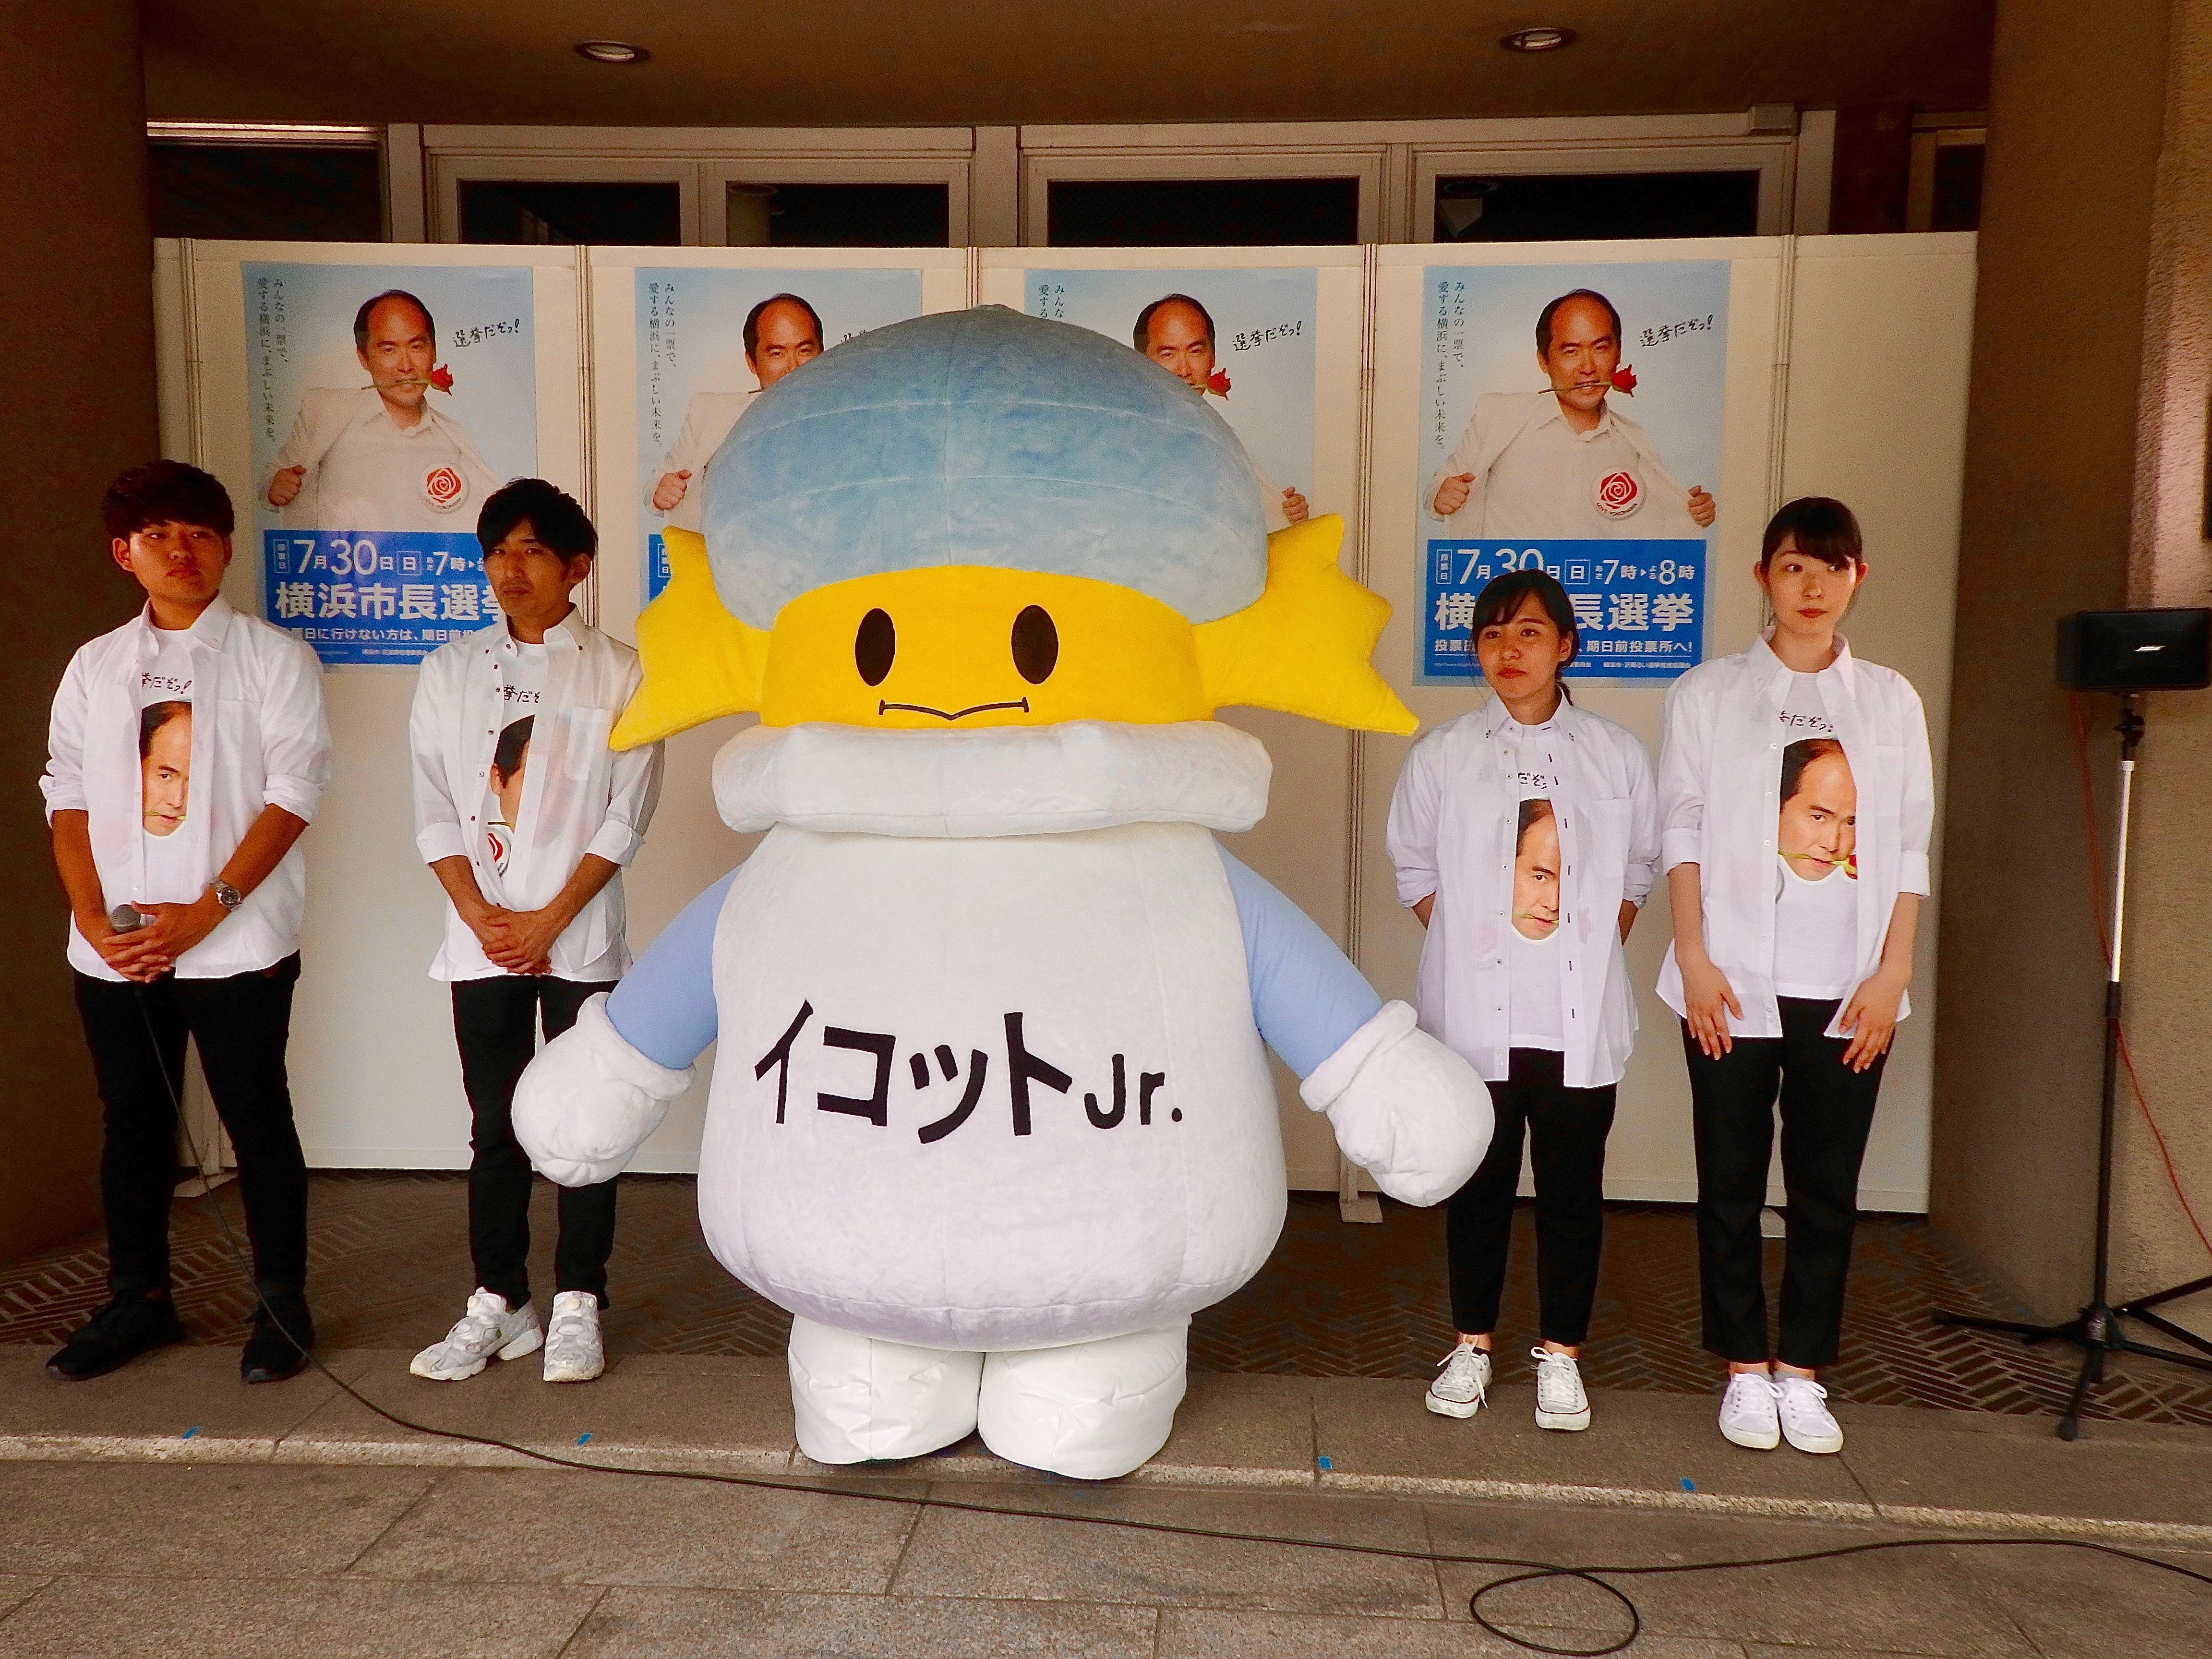 http://news.yoshimoto.co.jp/20170716164150-803c8294ab8375c2a1f91b533a0559cab4c96bc0.jpg